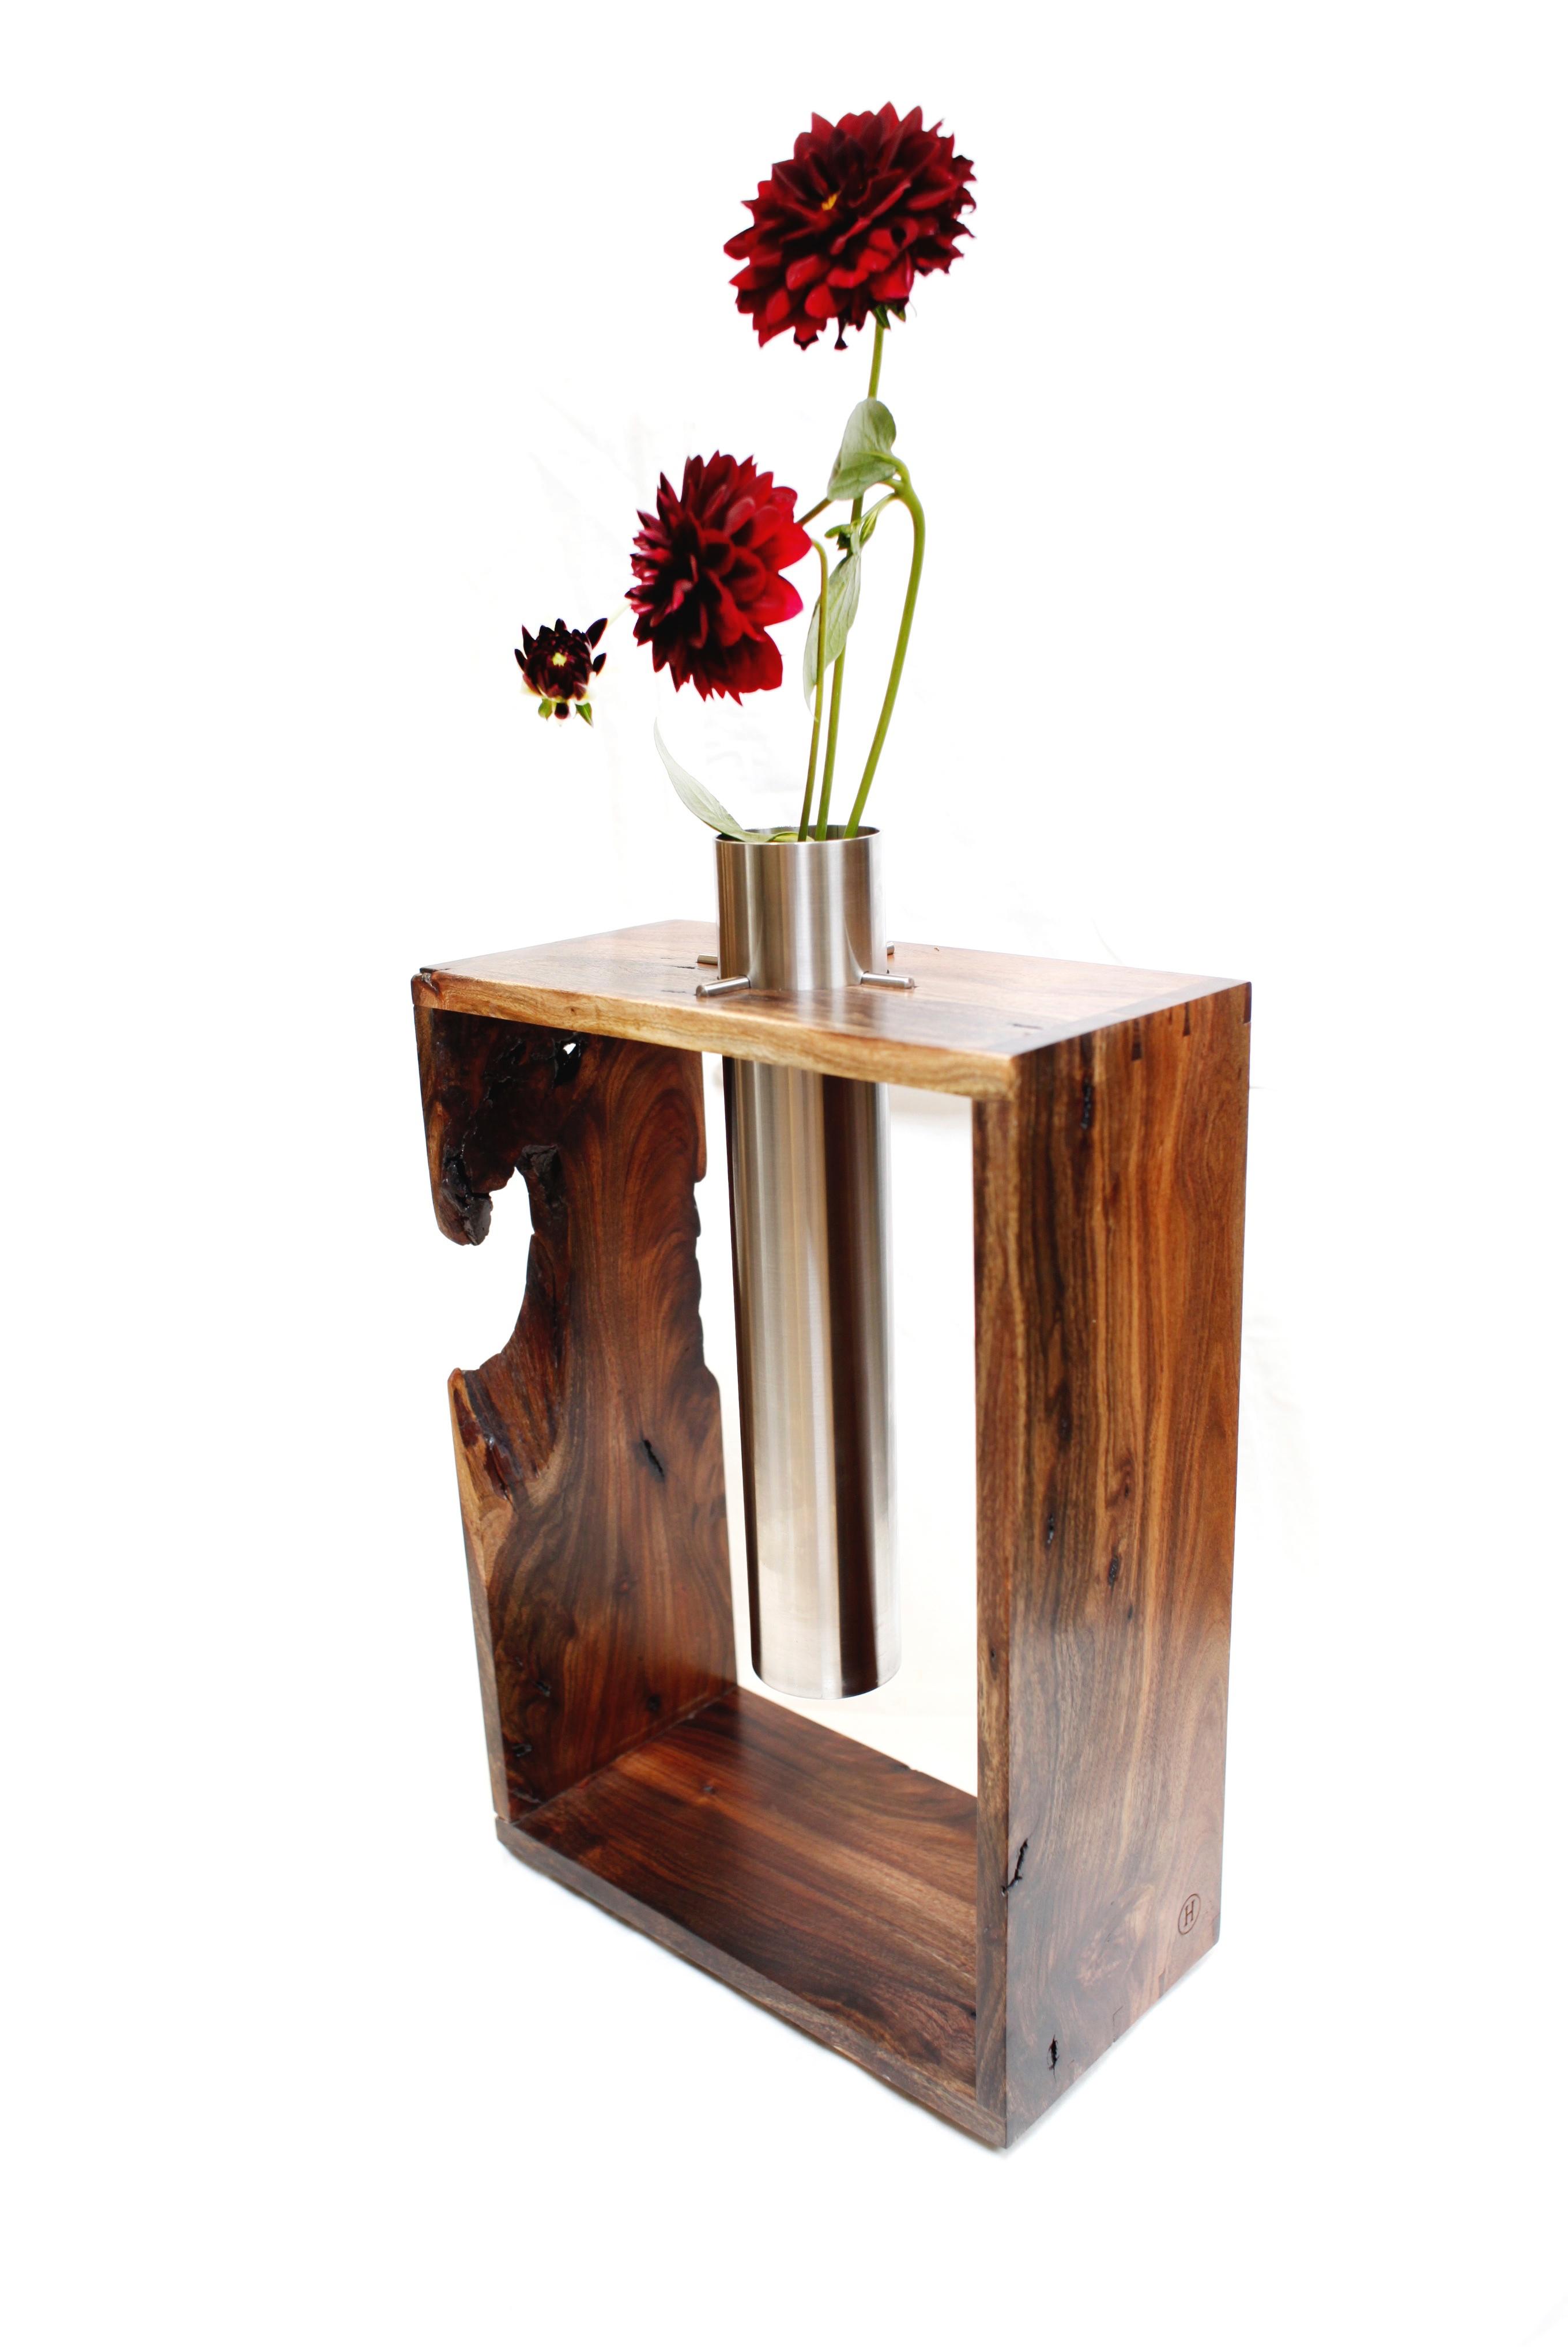 Inside The Box Vase